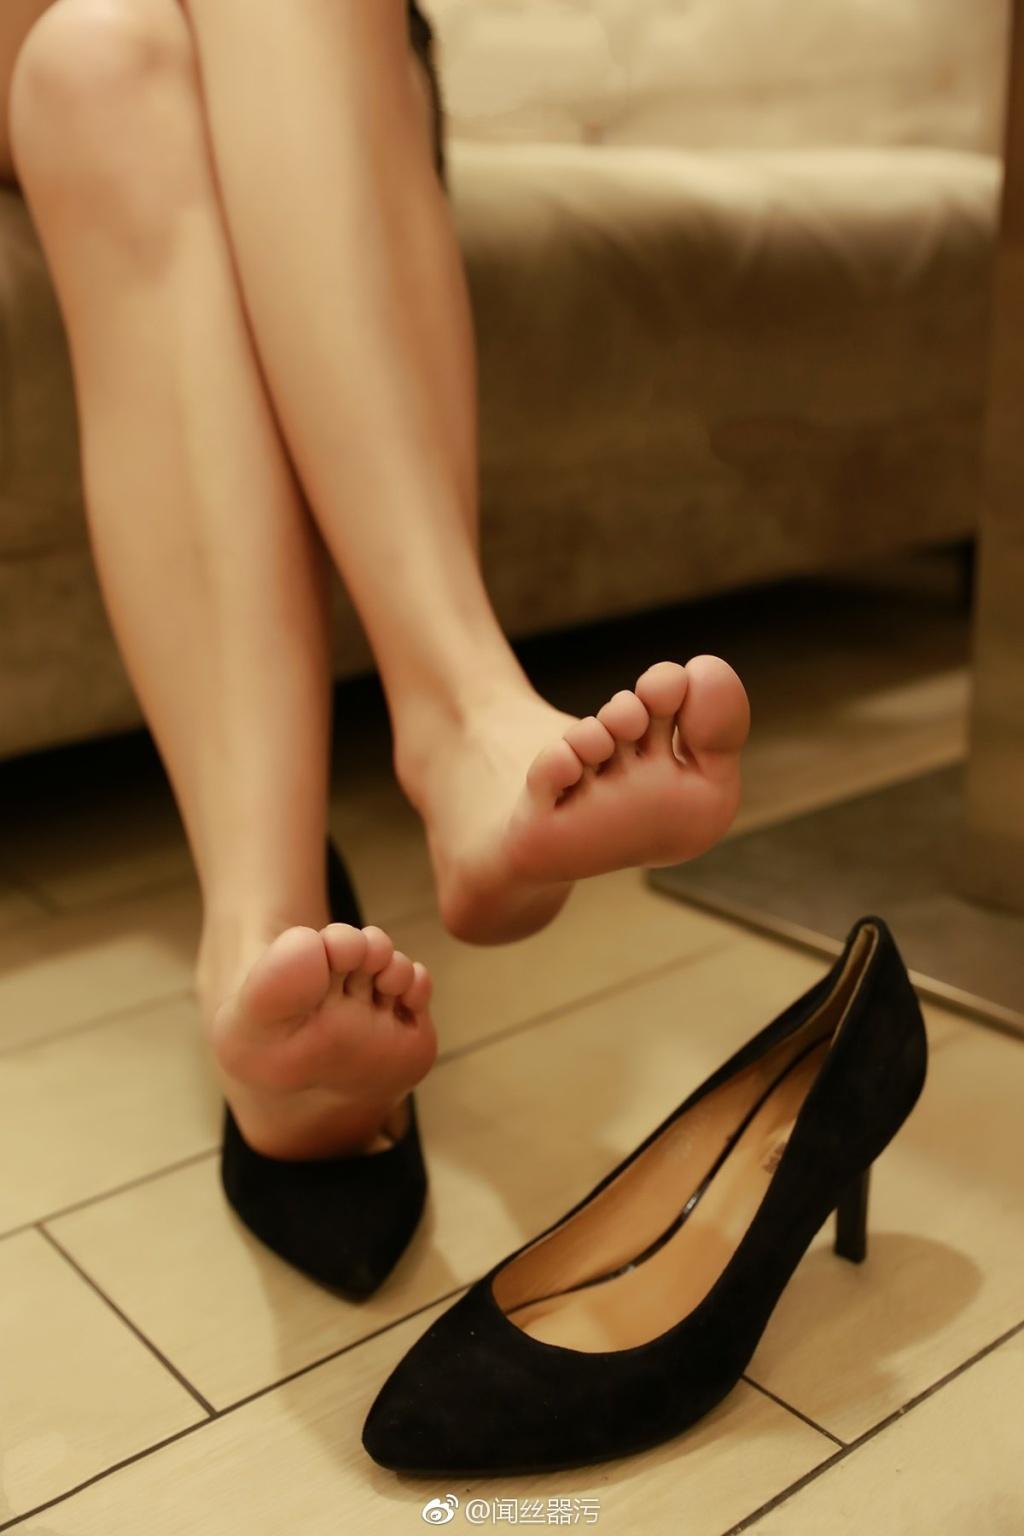 736 - White stockings black stockings bare feet lovely little girl 足控白色丝袜黑色丝袜裸足可爱小萝莉 【19.5.18】